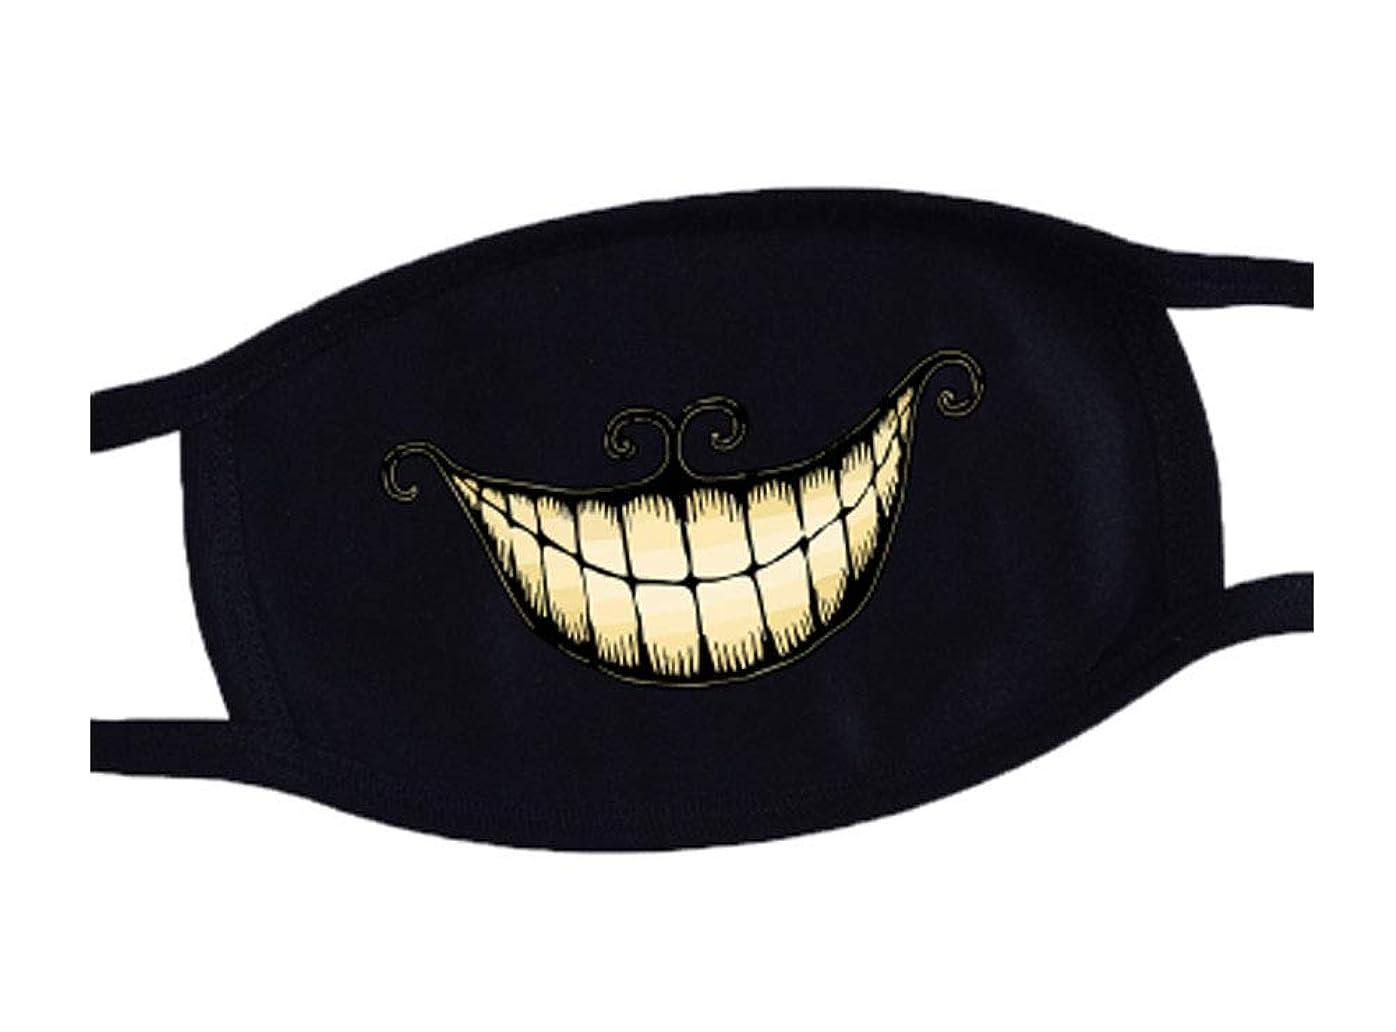 パンチ伝染性のフィクションクールマウスマスク、コットンレイブマフルマスクアンチダストマスク - T5